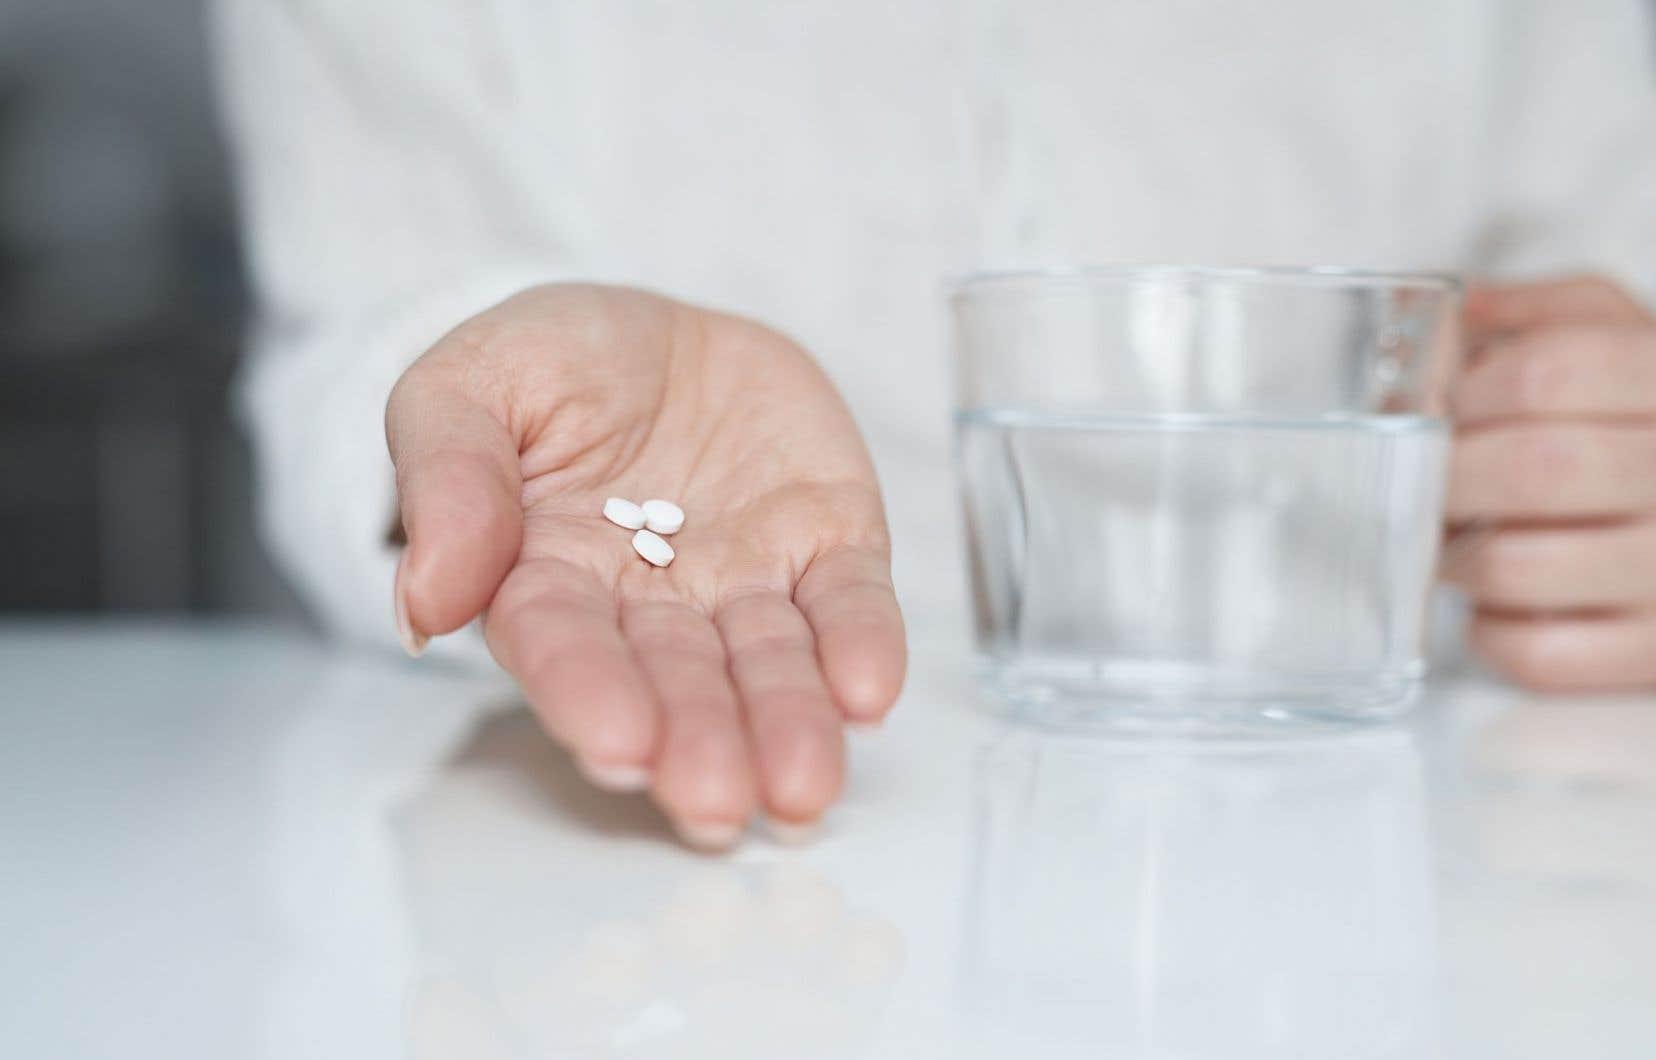 Le propriétaire d'une imprimante pourrait créer un médicament en se procurant la «recette» et les composants requis, court-circuitant ainsi la chaîne d'approvisionnement habituelle.